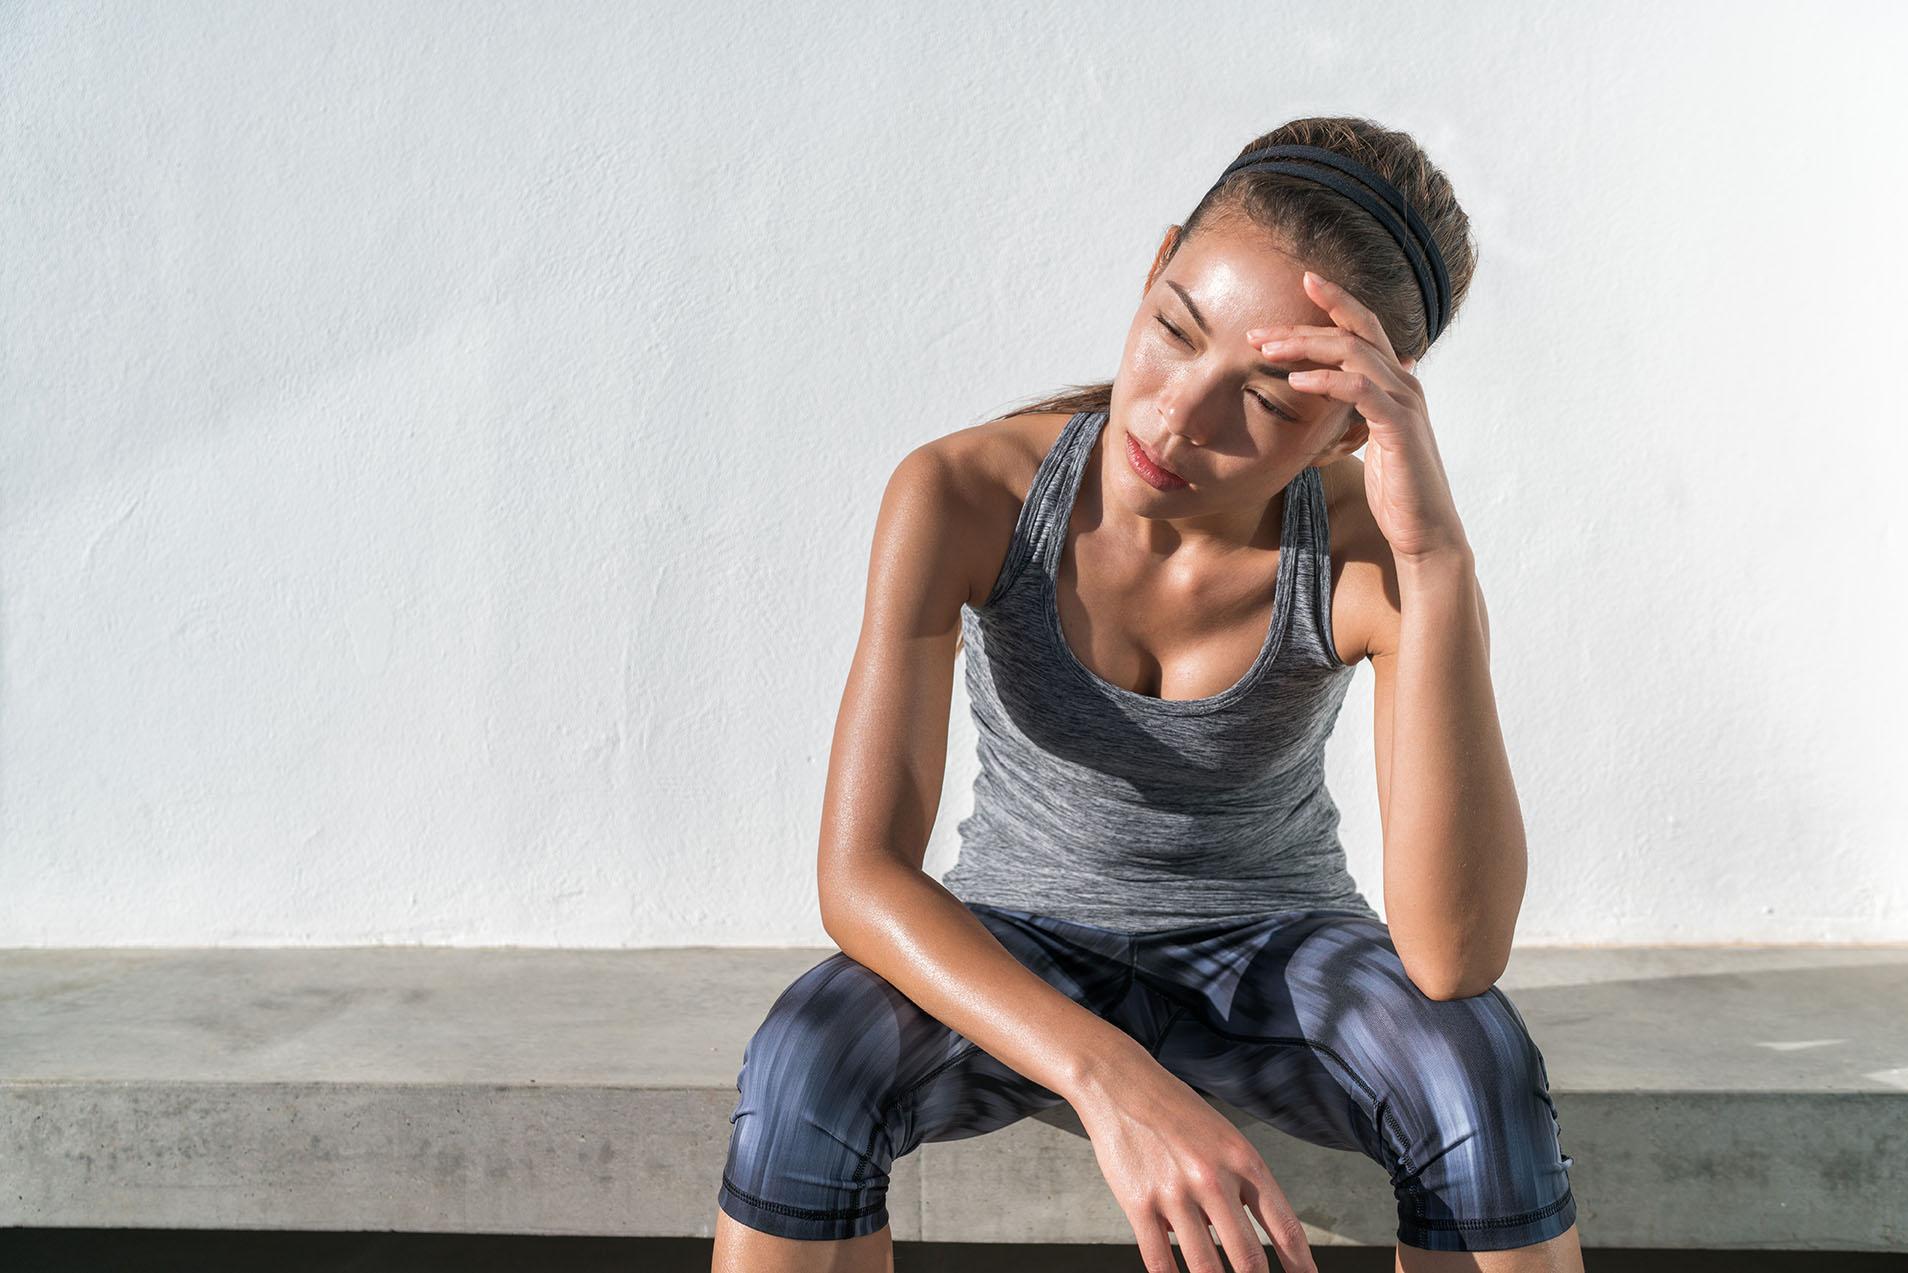 Heiße Gym-Milf Beim Training